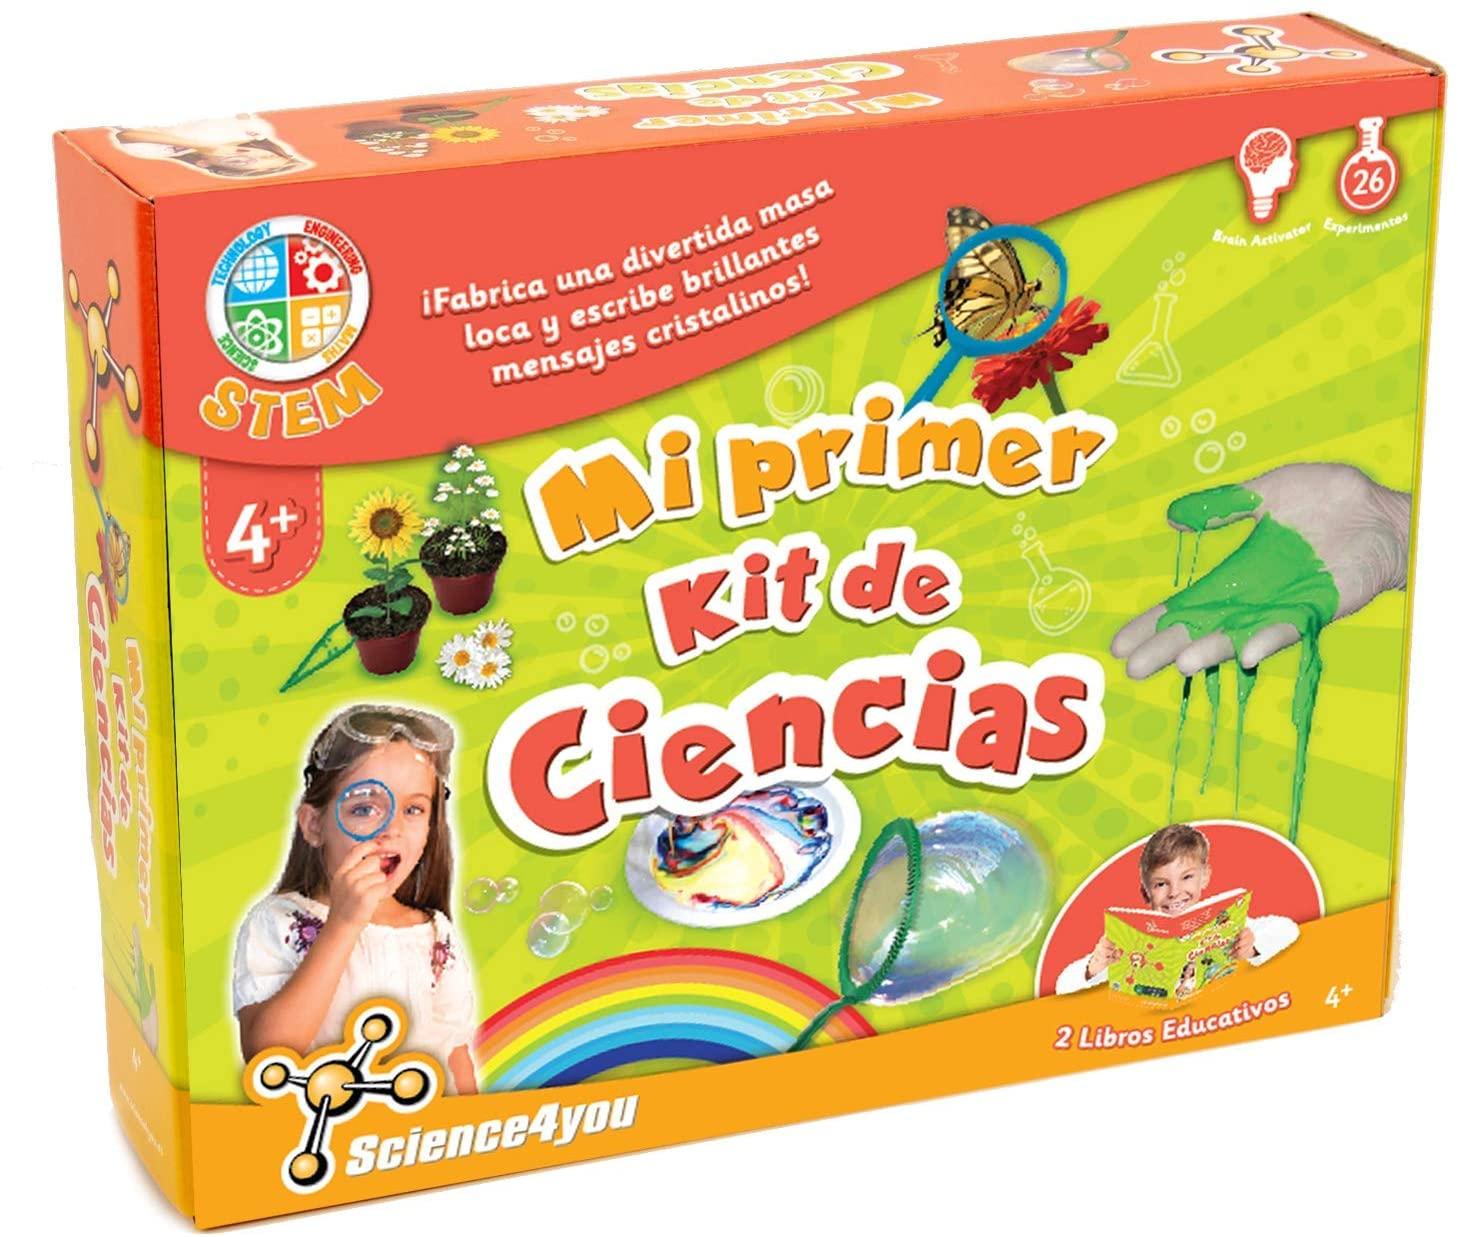 Science4You-Mi Primer Kit de Ciencias-Juguete Cientifico para Niños +4 Años KDE, Color multocolor, única (600270)